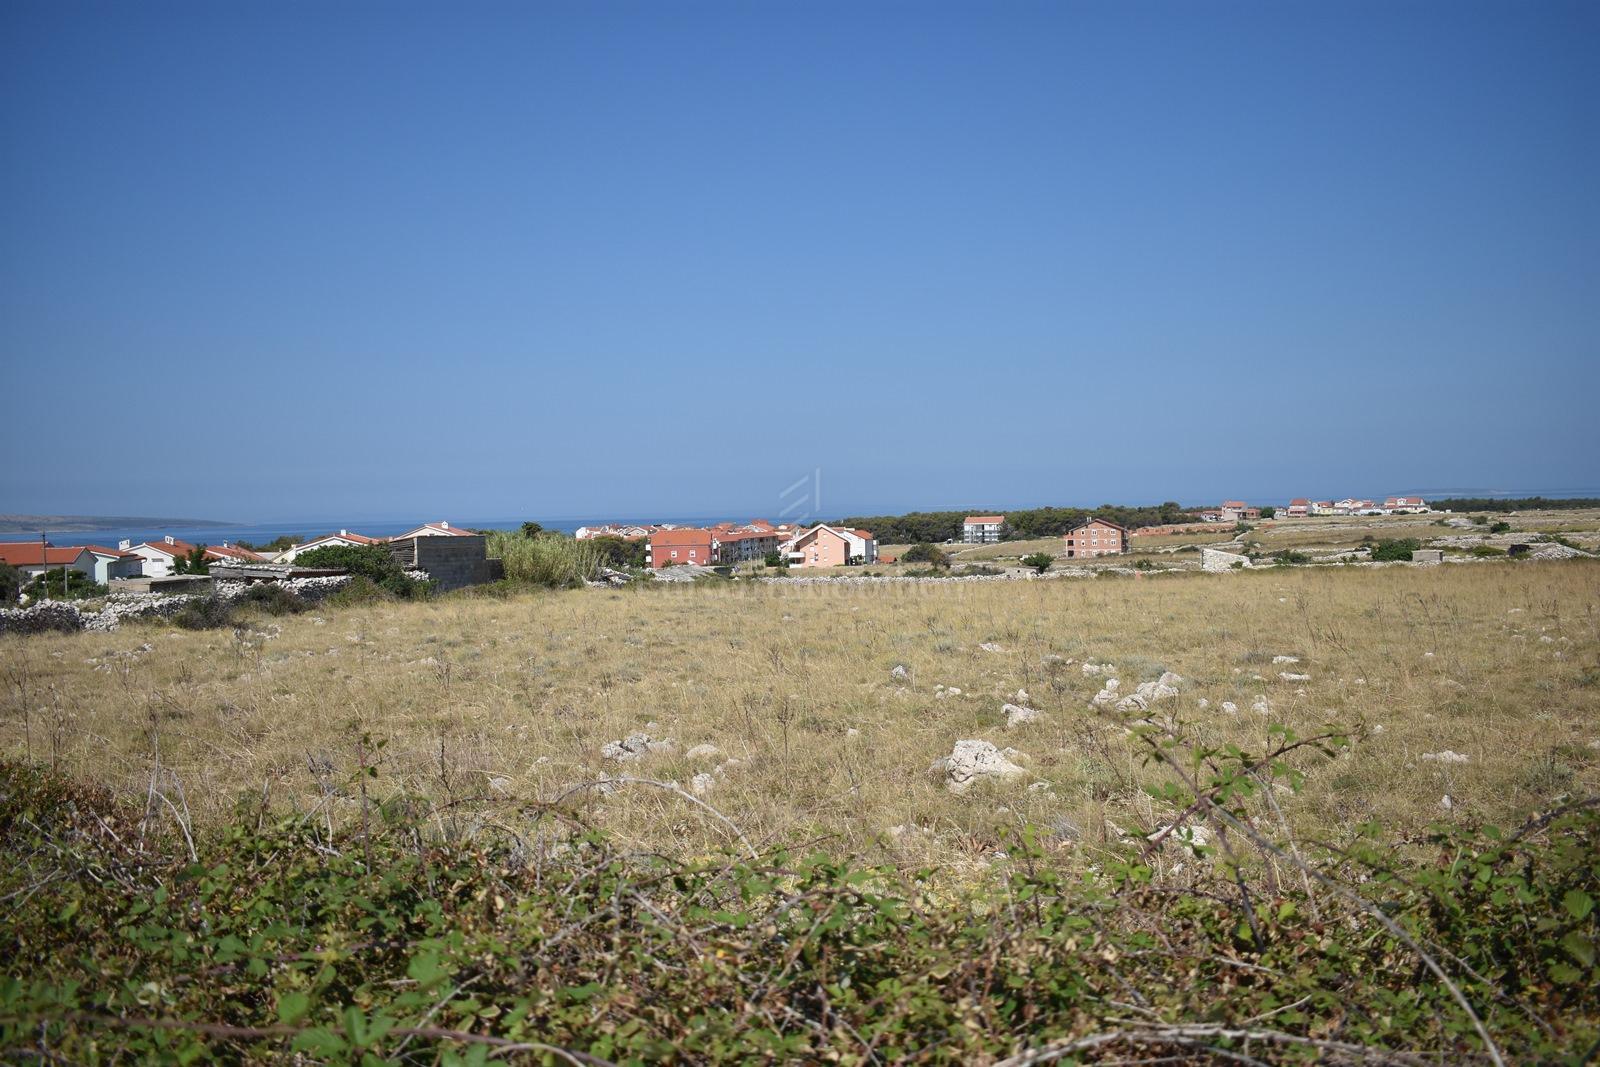 Građevinsko zemljište u Povljani na Pagu s pogledom na more